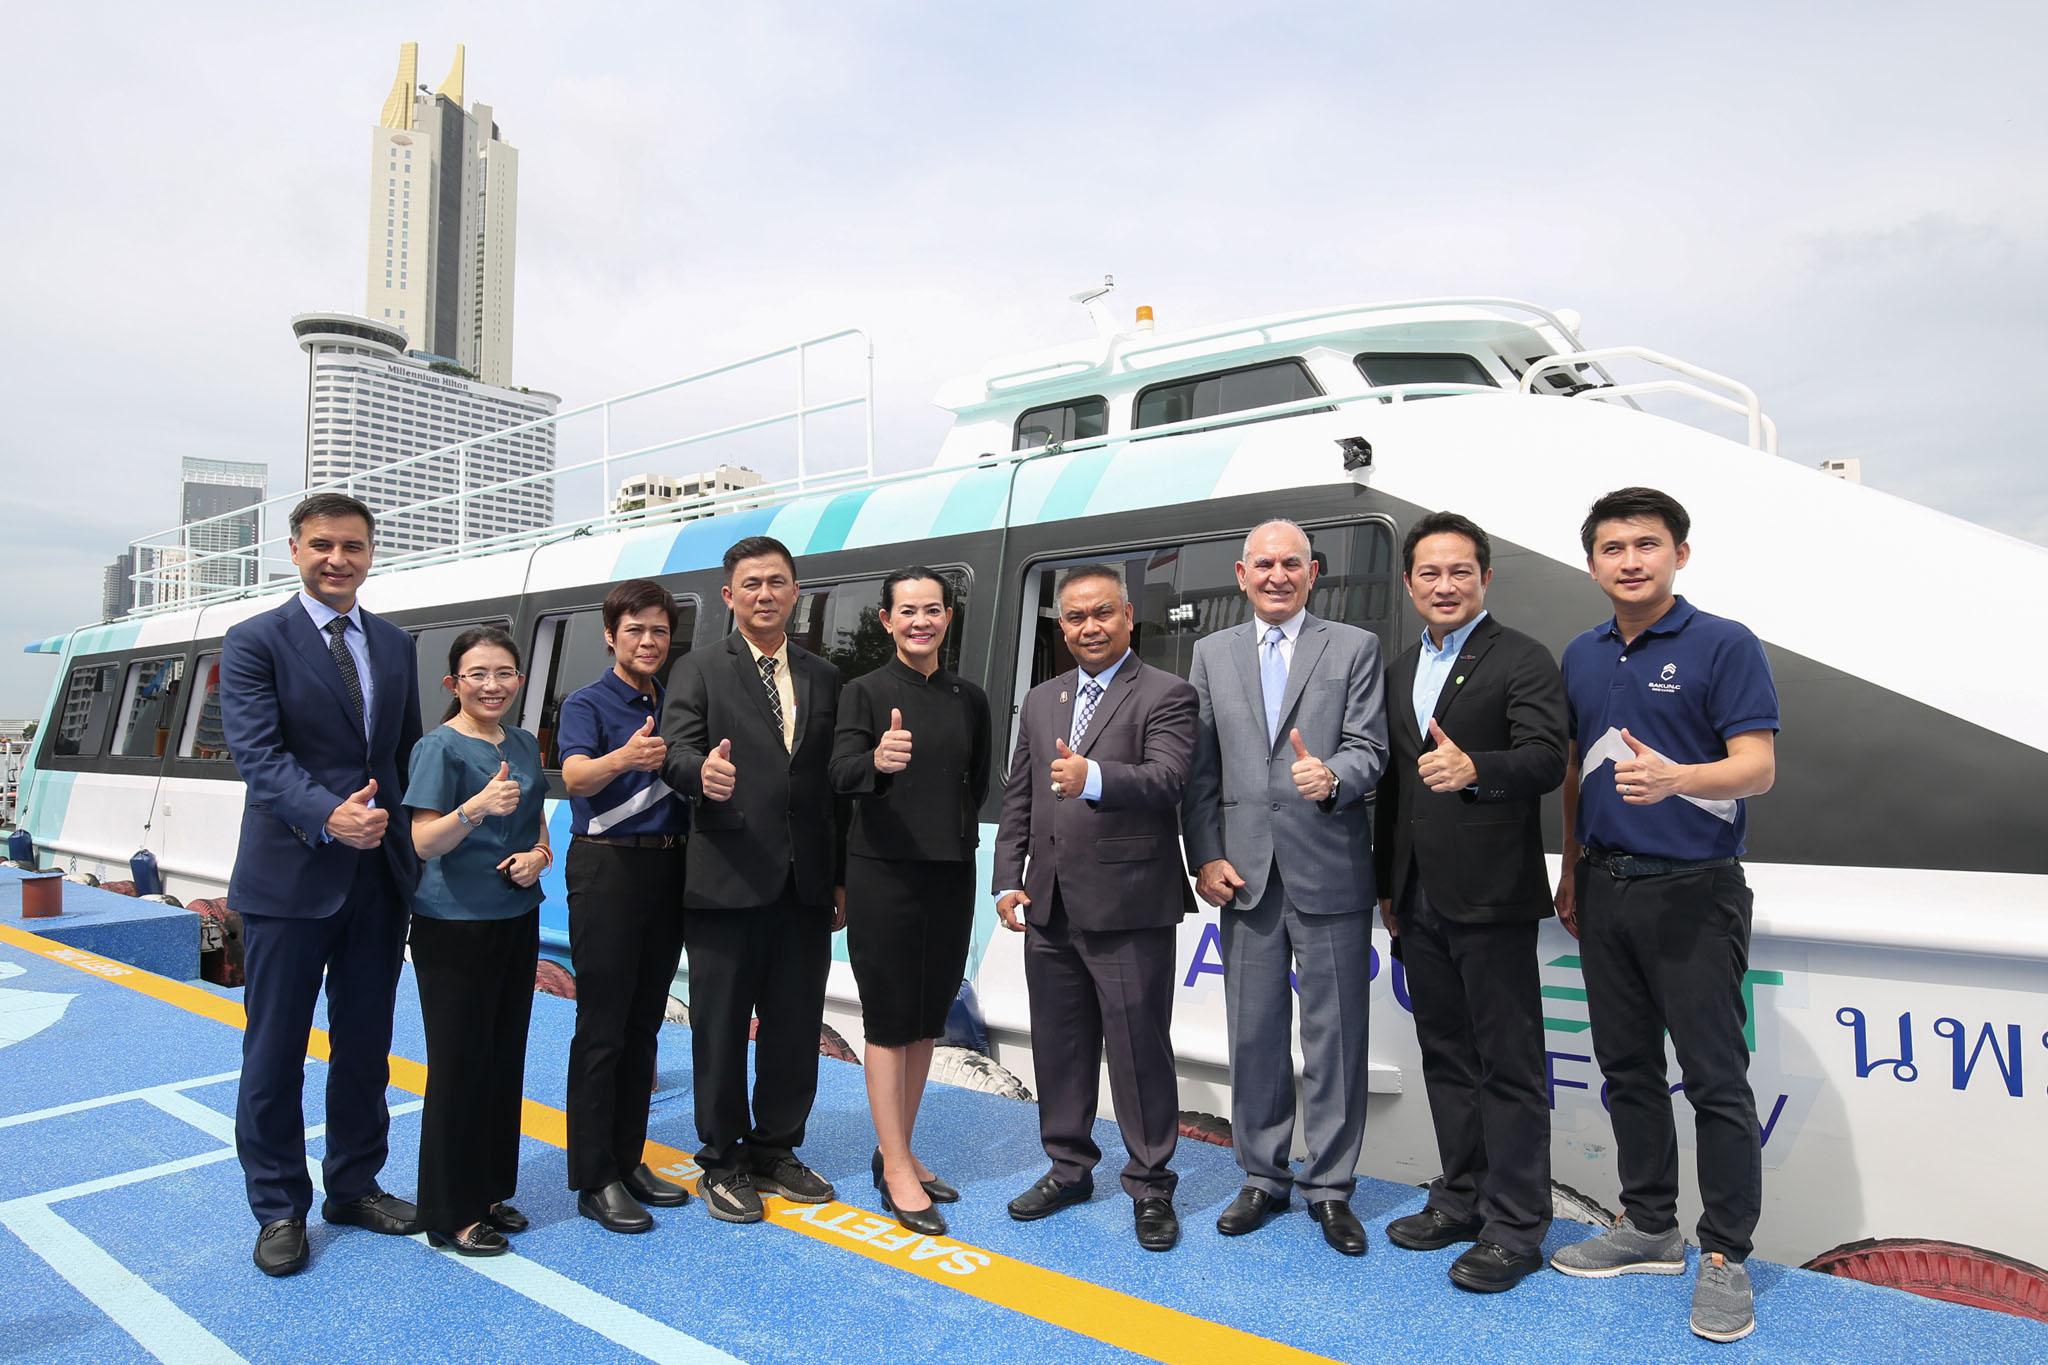 สกุลฎ์ซี อินโนเวชั่น เลิกทดลอง เริ่มใช้จริงเชิงพาณิชย์ เรือไฟฟ้า VIP เที่ยวทะเลไทย